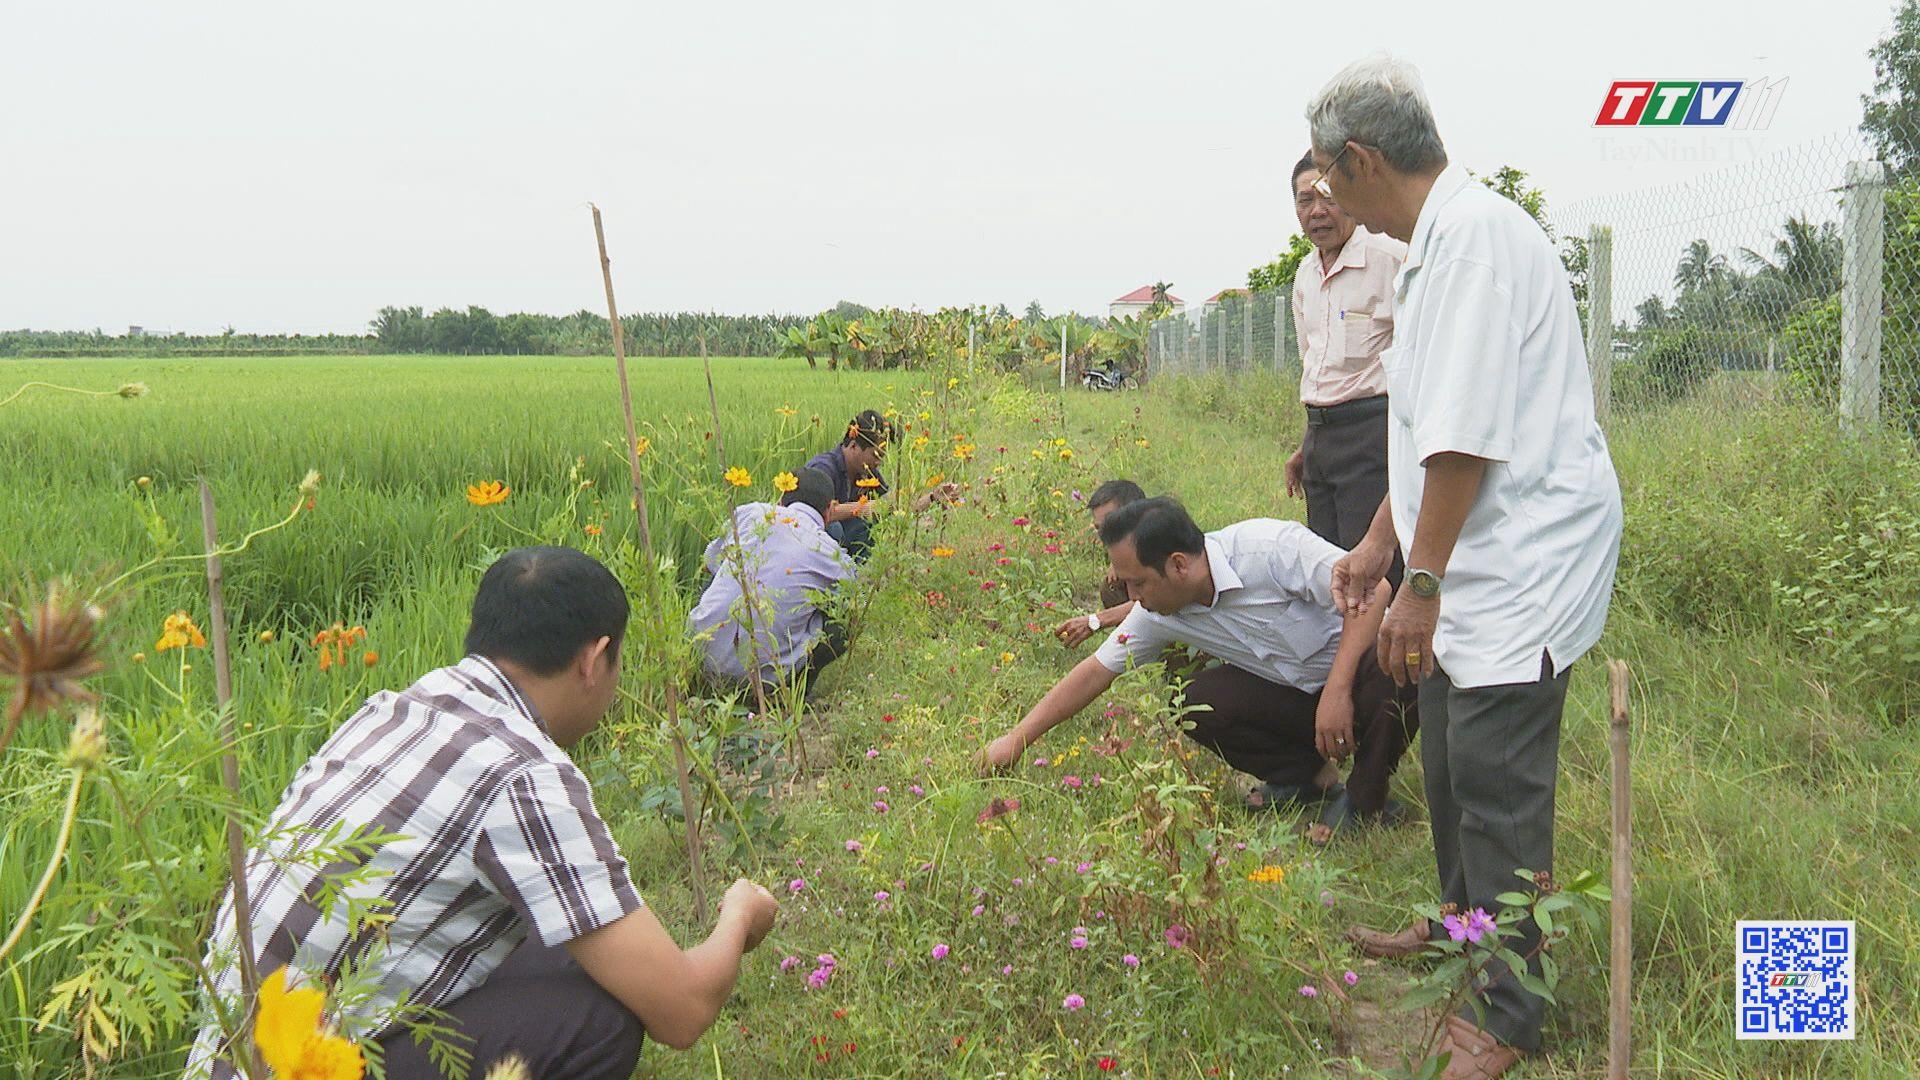 Phát triển sản xuất nông nghiệp gắn với bảo vệ môi trường | TÂY NINH XÂY DỰNG NÔNG THÔN MỚI | TayNinhTV